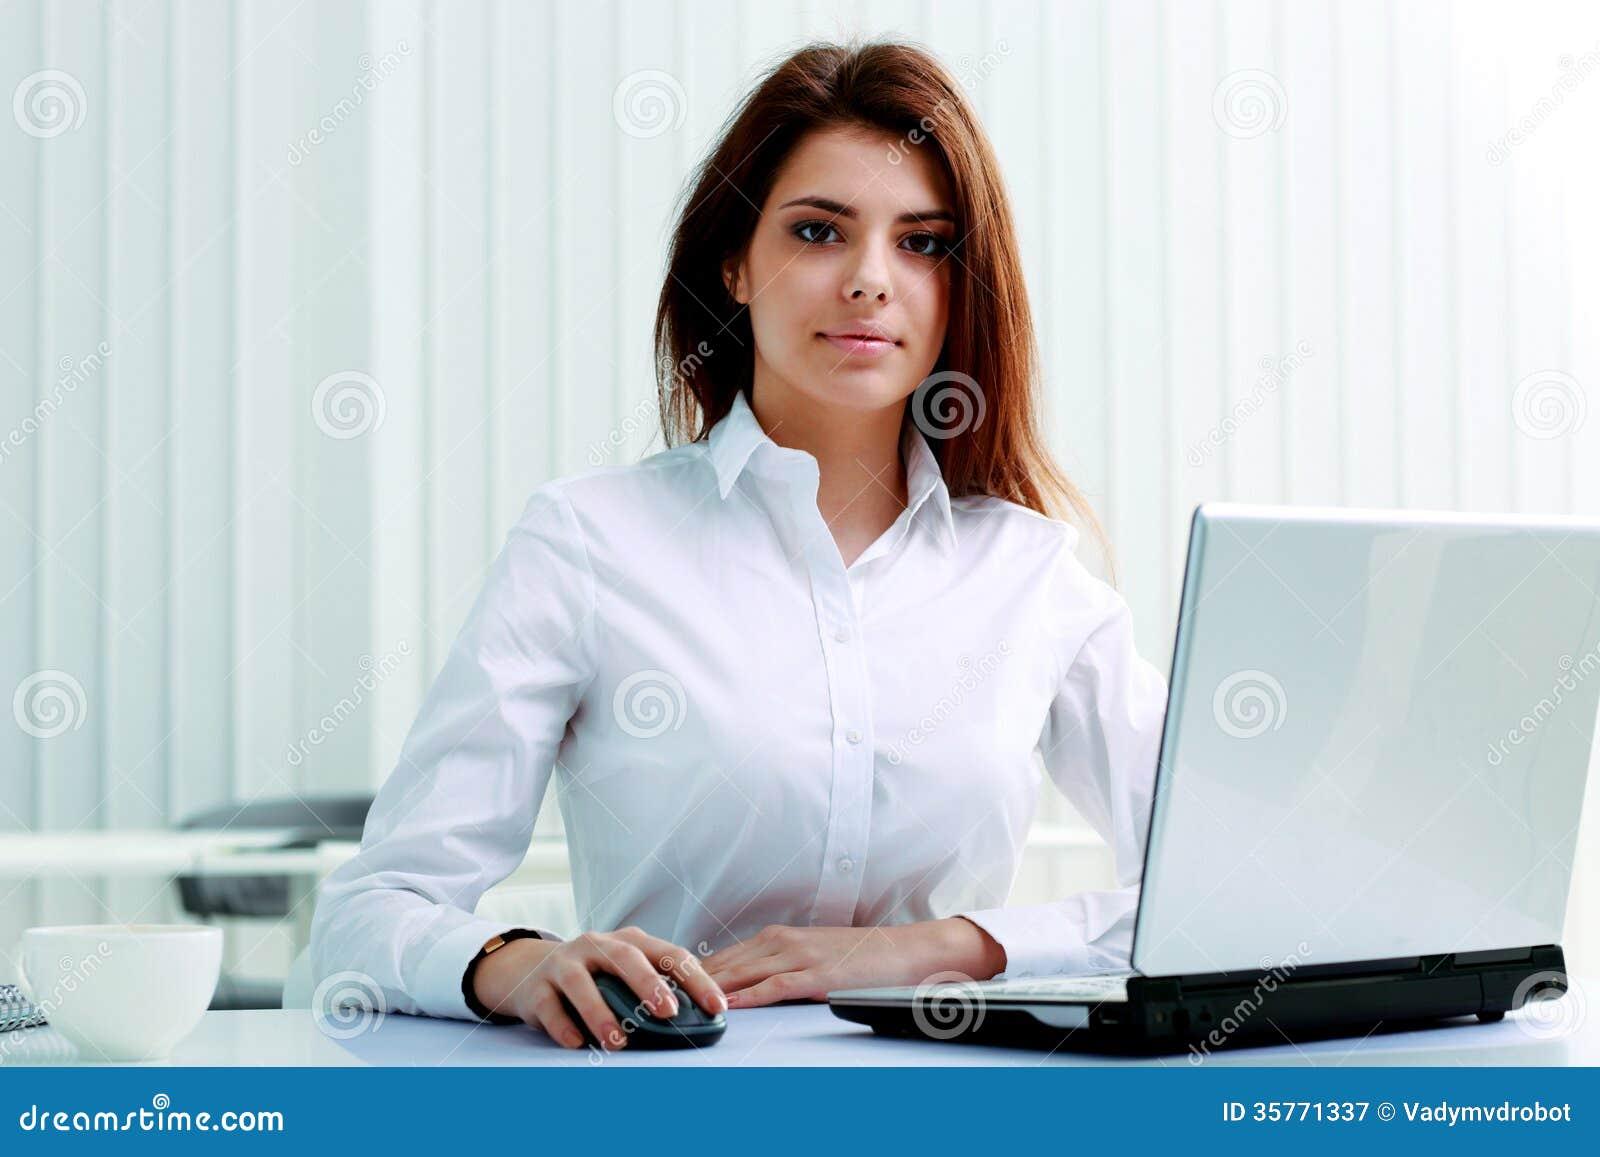 jeune femme d 39 affaires s rieuse s 39 asseyant la table avec l 39 ordinateur portable photographie. Black Bedroom Furniture Sets. Home Design Ideas